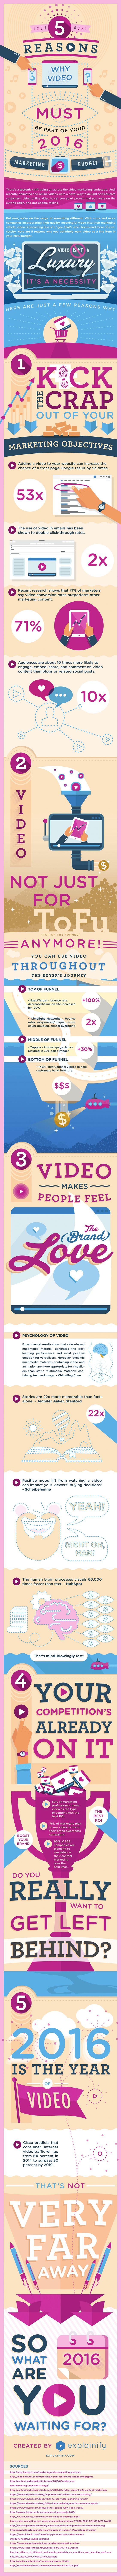 Le format de contenu vidéo : quels réseaux sociaux de prédilection ? Quelle efficacité par rapport aux autres formats ? Quels impacts sur les internautes et sur les marques ? La vidéo est un format de contenu essentiel pour les marques : elle permet de se démarquer, en divertissant ou plus simplement en informant. La […]